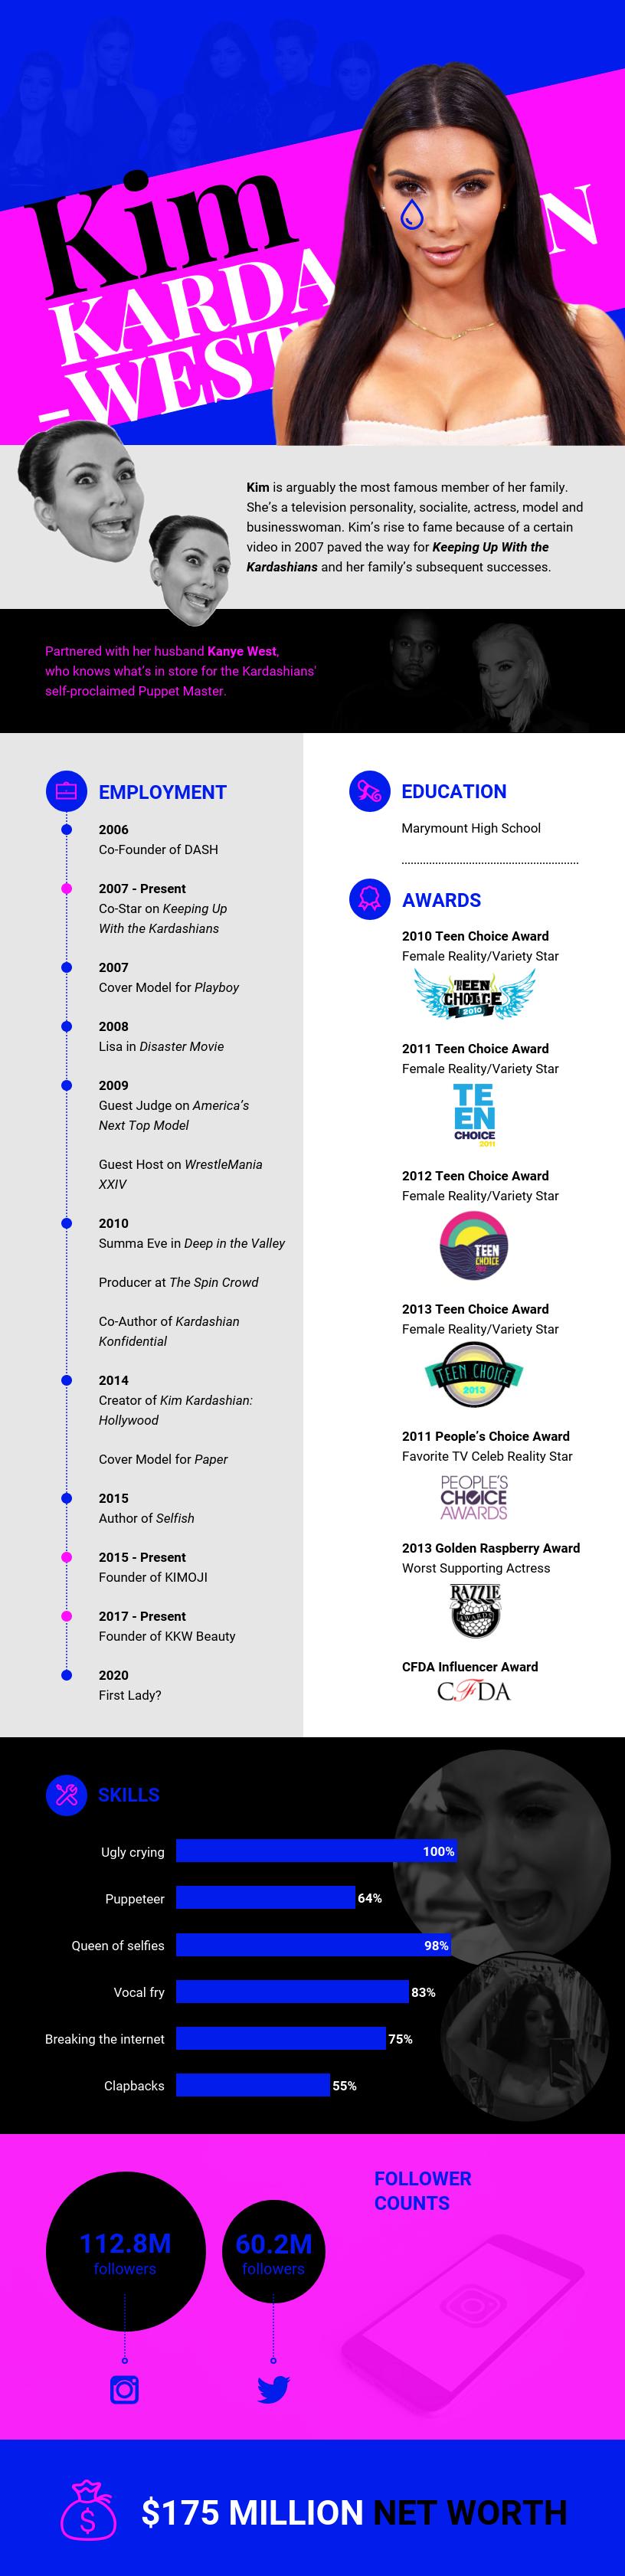 kardashian infographic resume